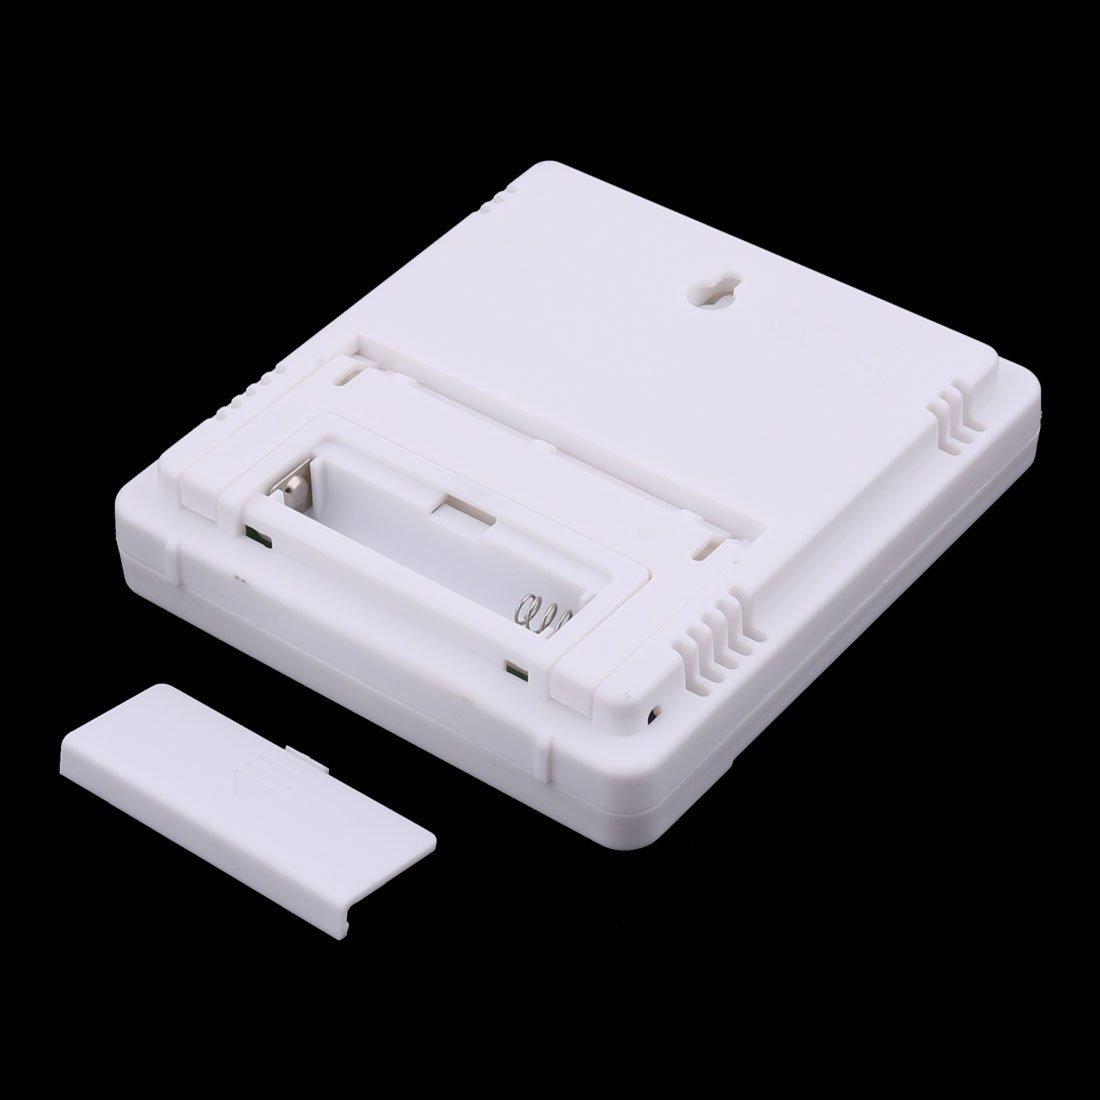 Amazon.com: eDealMax higrómetro de la humedad del reloj LCD cubierta al aire Libre termómetro Digital: Home & Kitchen